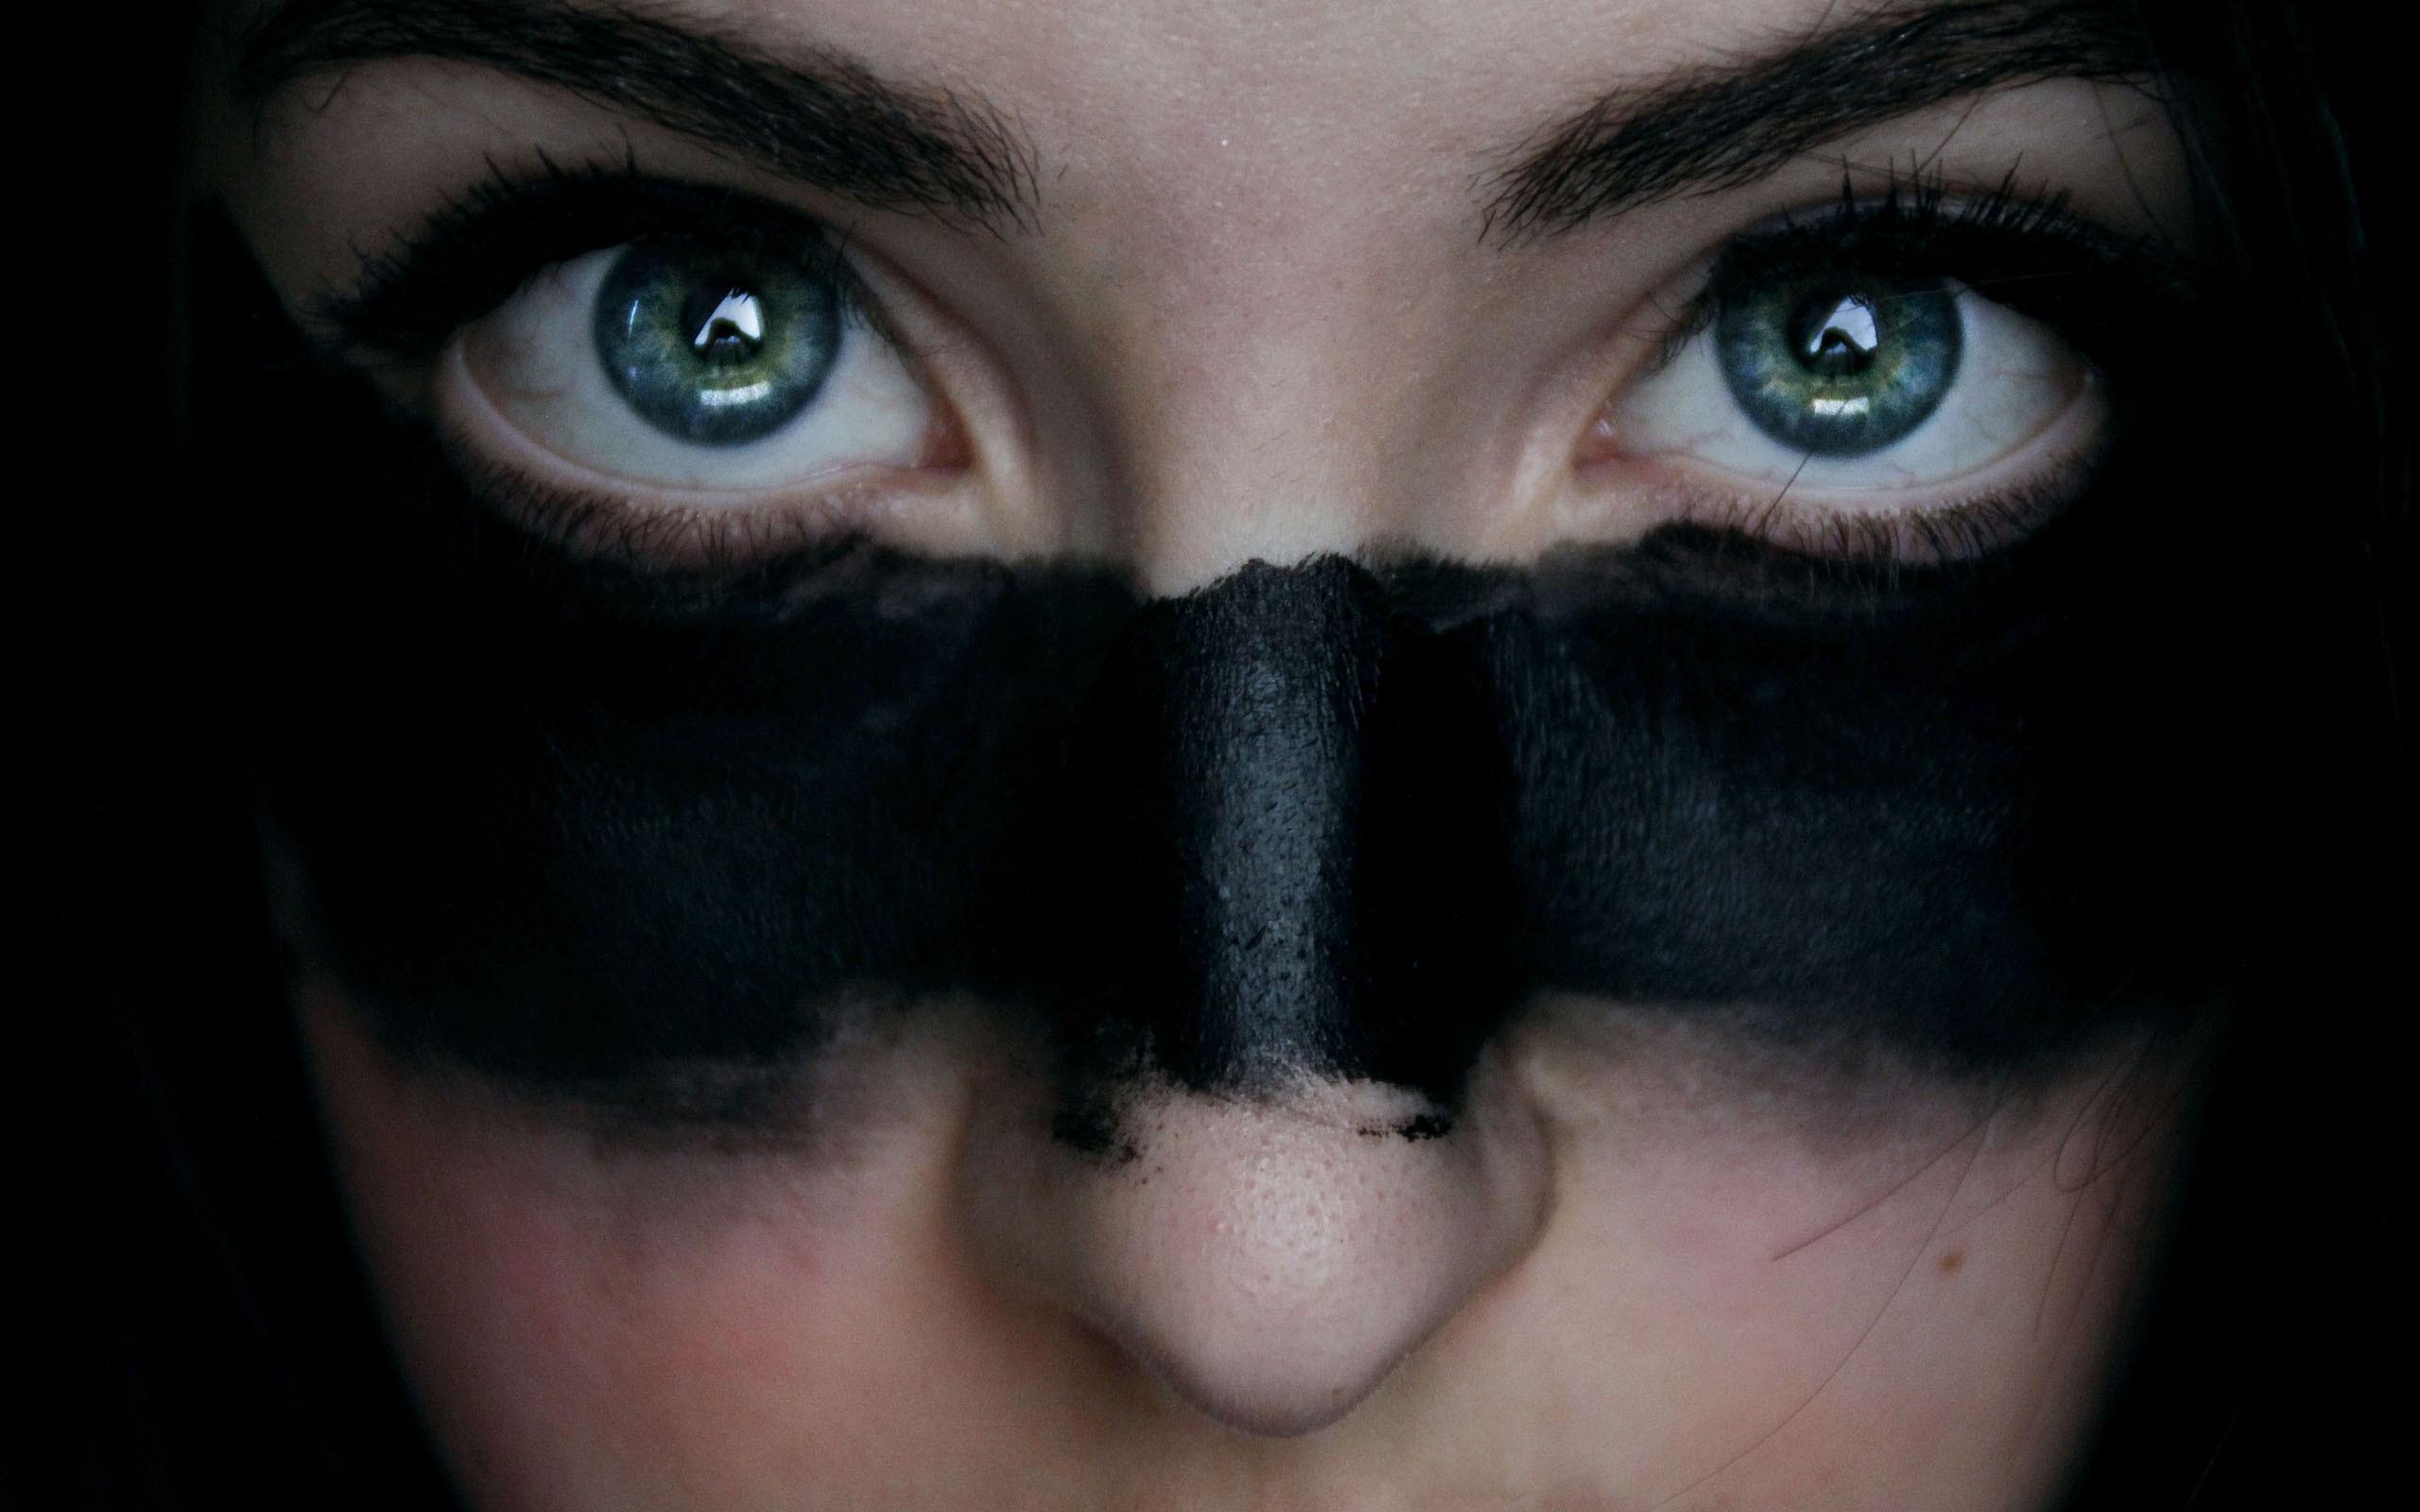 Как сделать на глаза черную полосу на фото